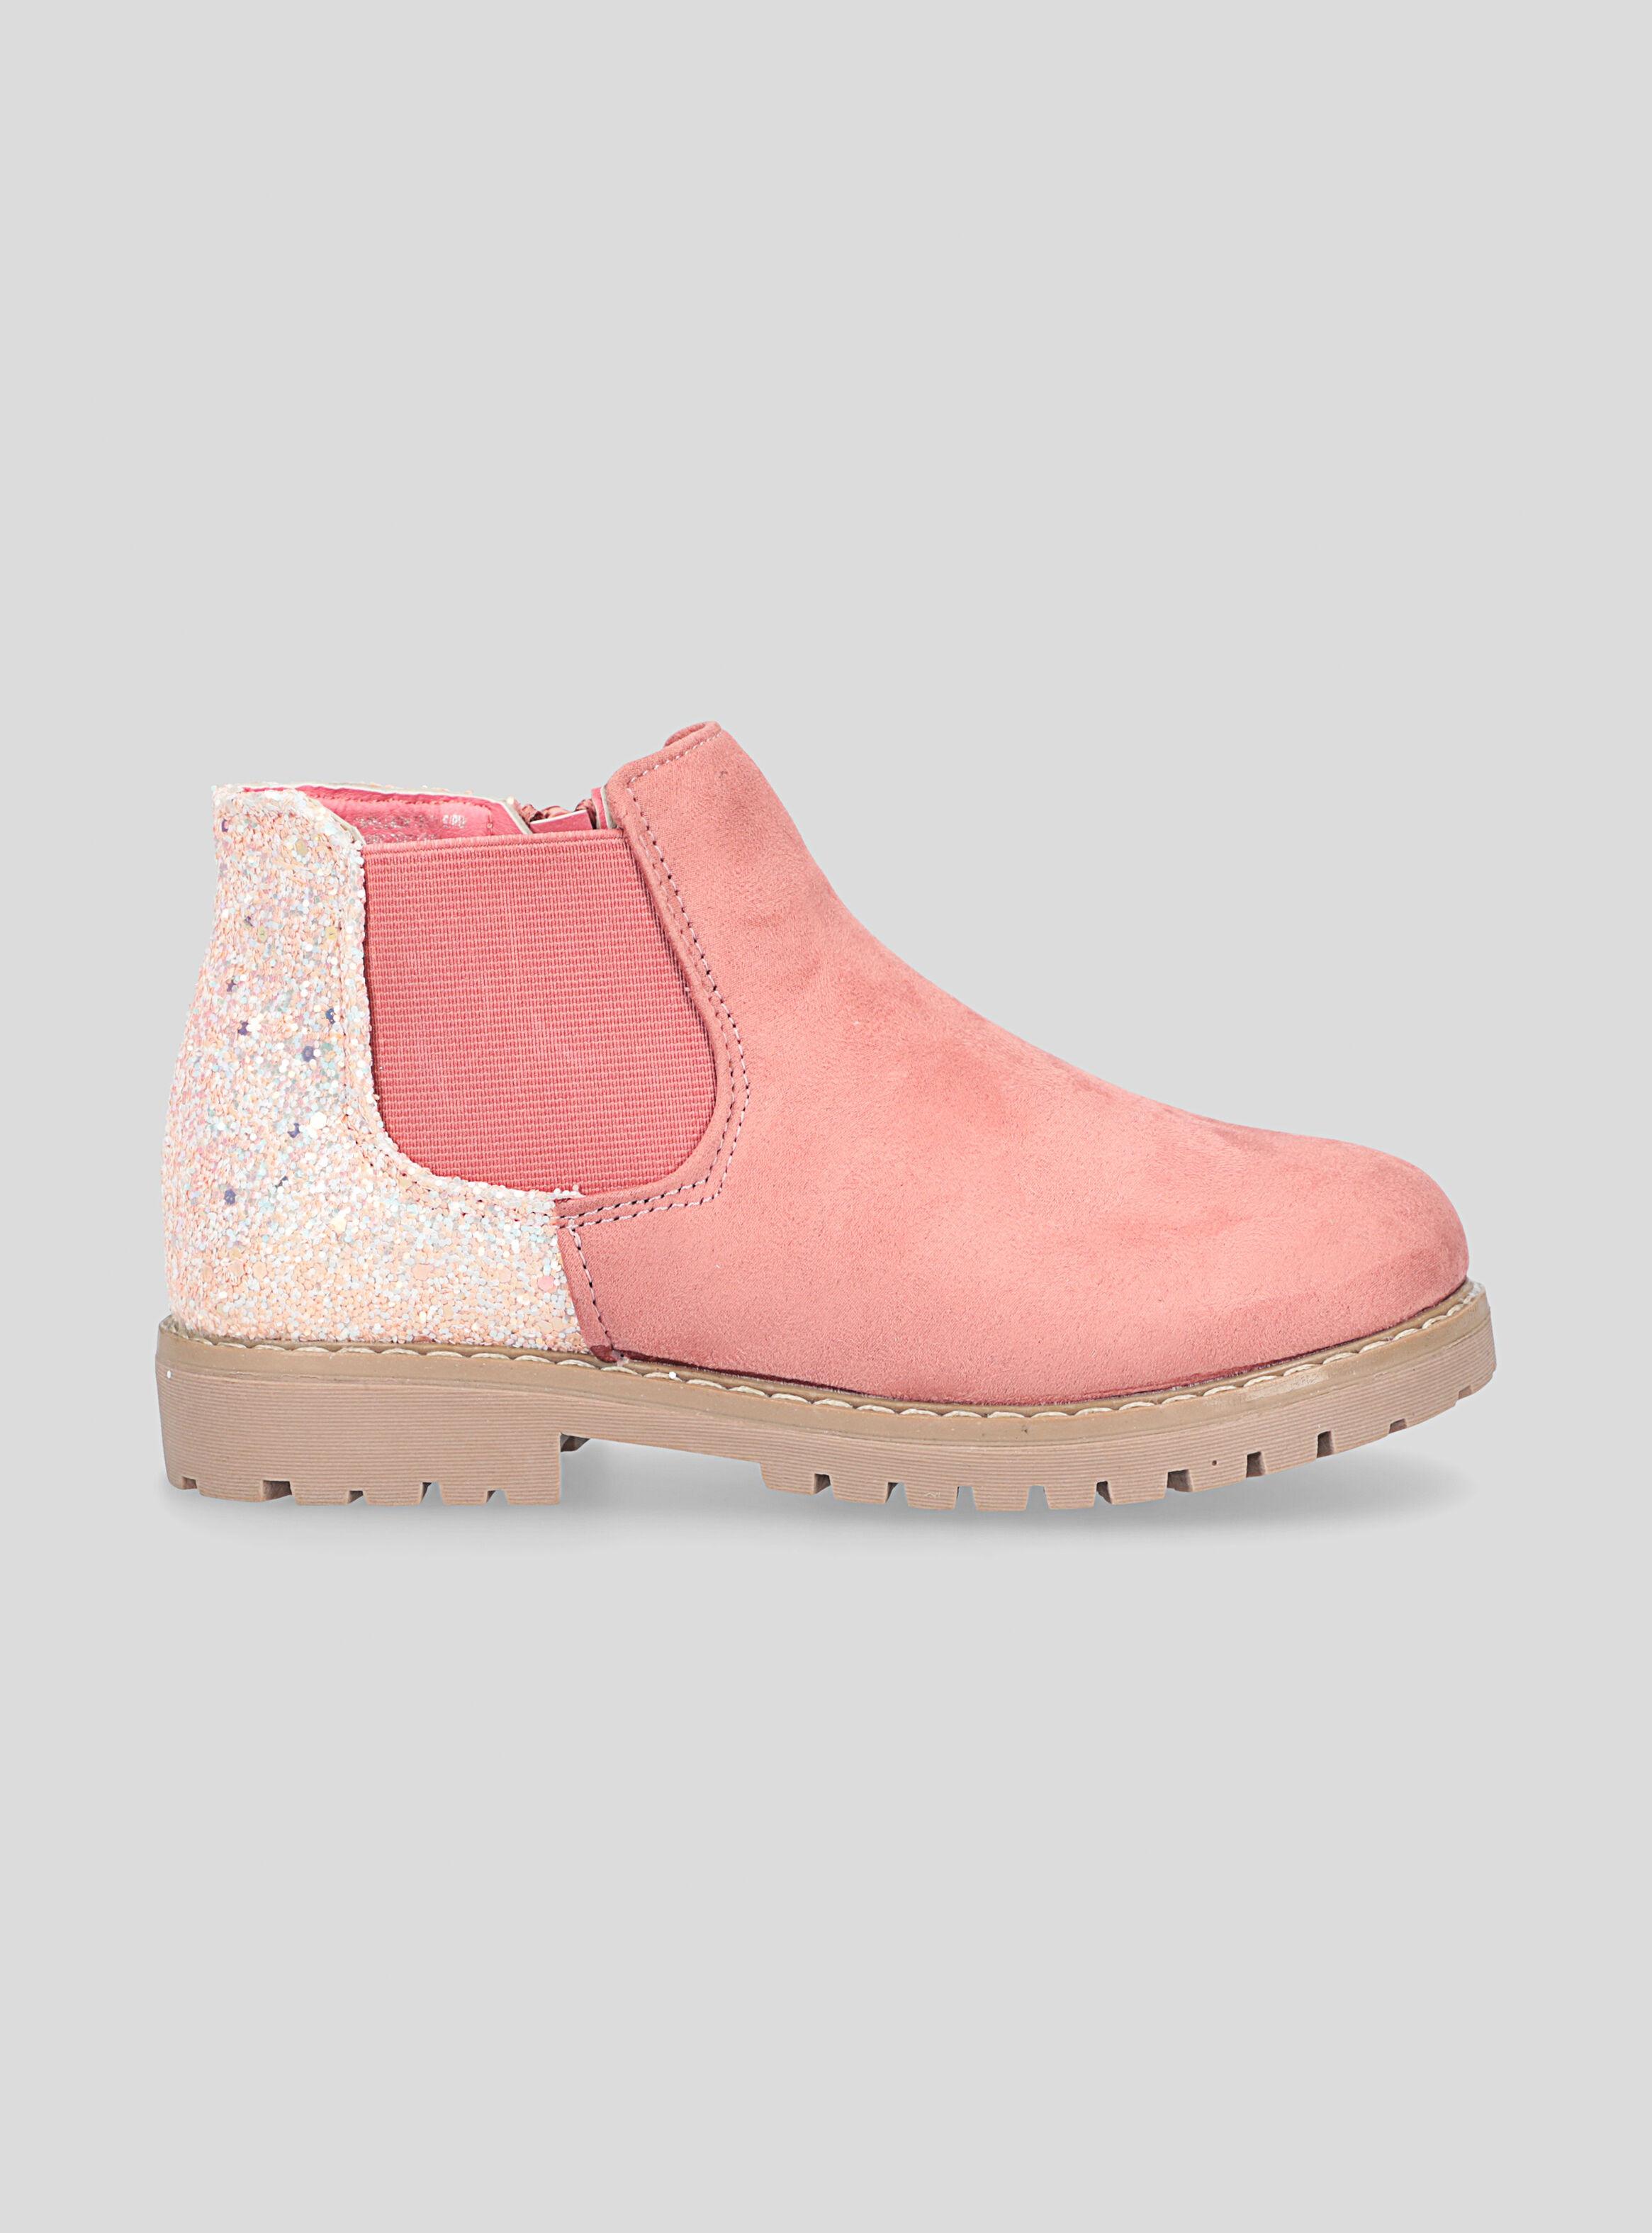 Zapatos Que Los Ellas Niñas Modelos cl PrefierenParis UMVGqzpS